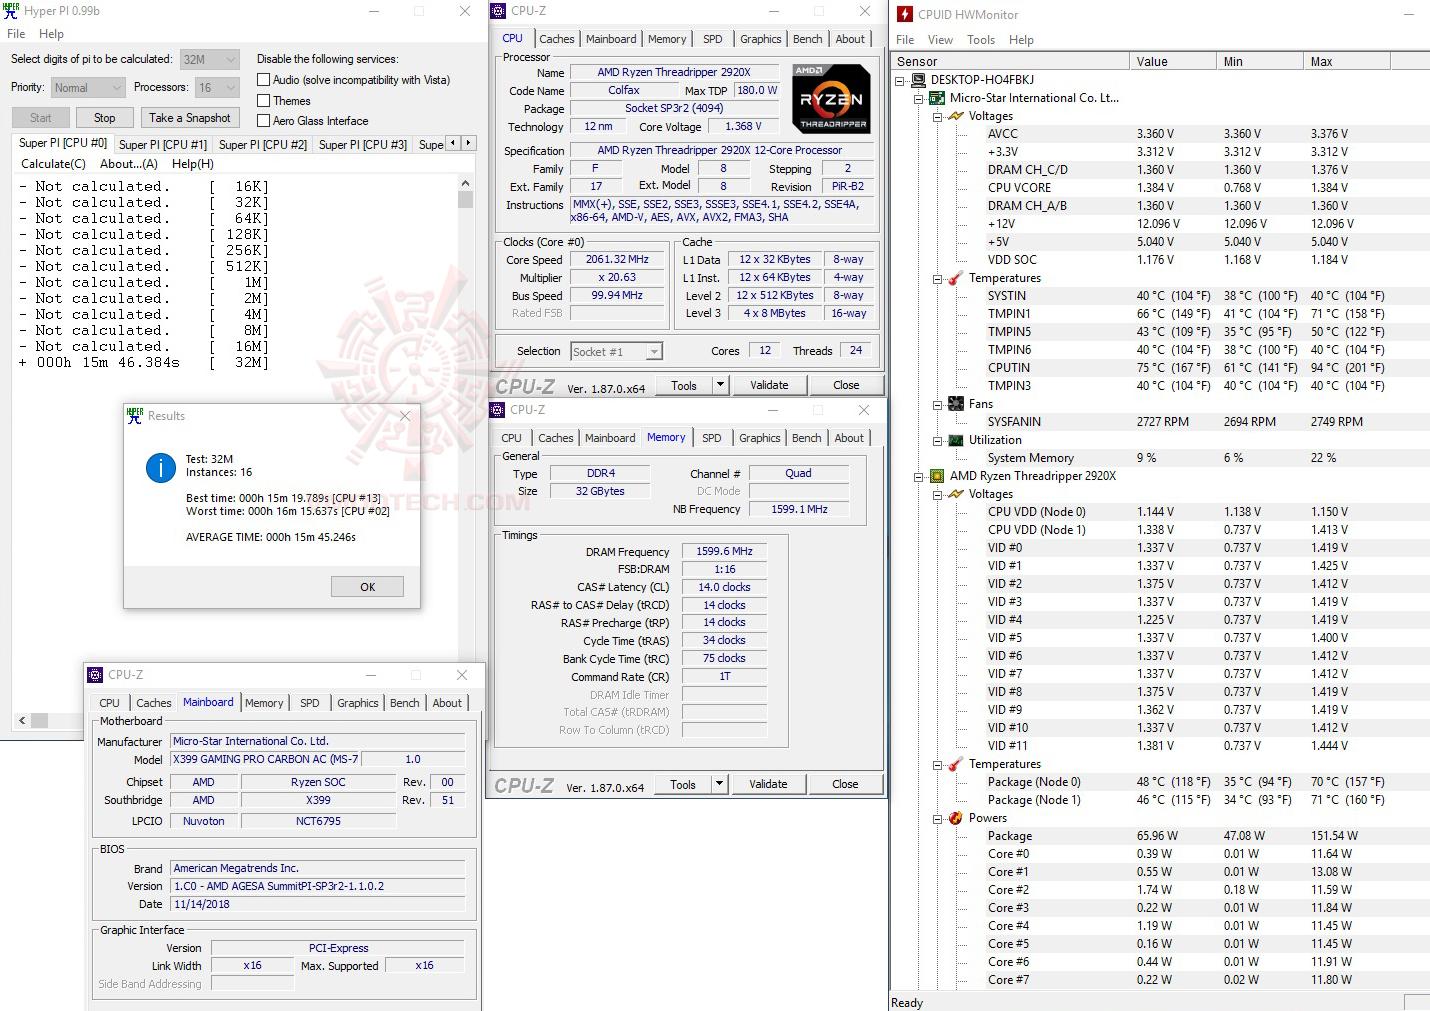 h32 AMD RYZEN THREADRIPPER 2920X PROCESSOR REVIEW